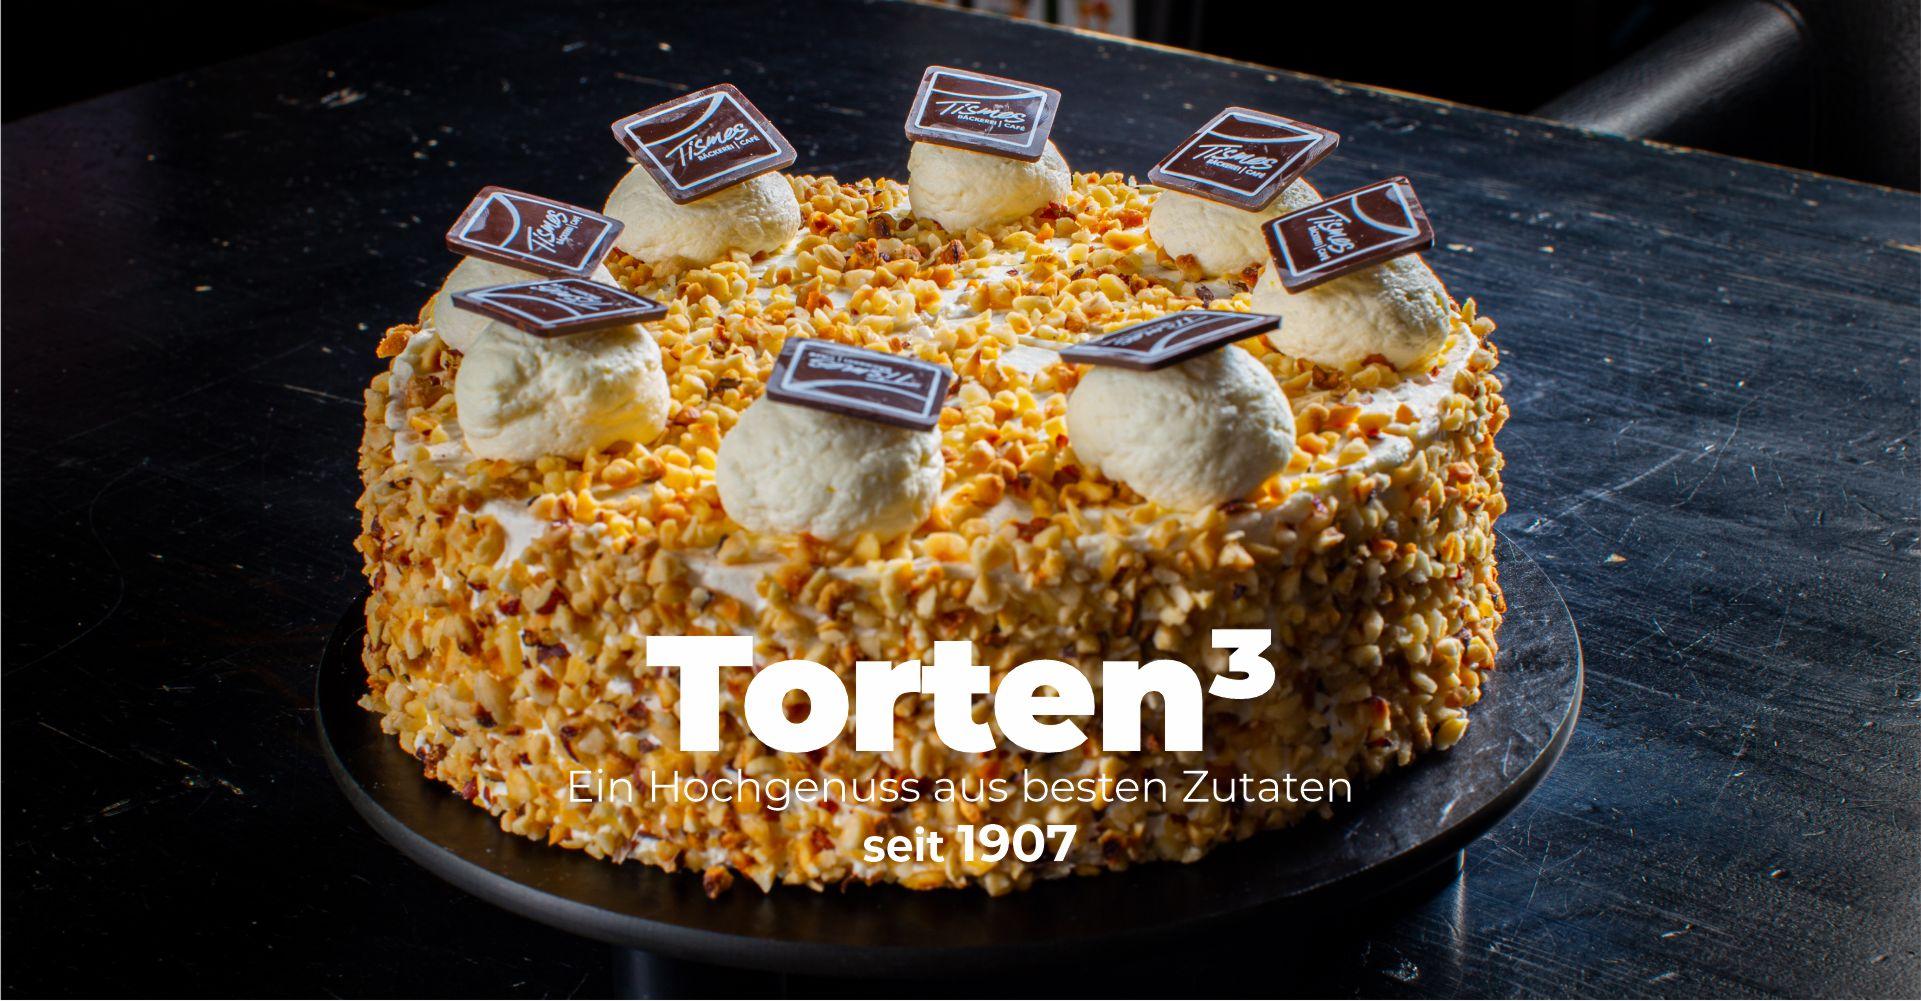 tismes_torten_005